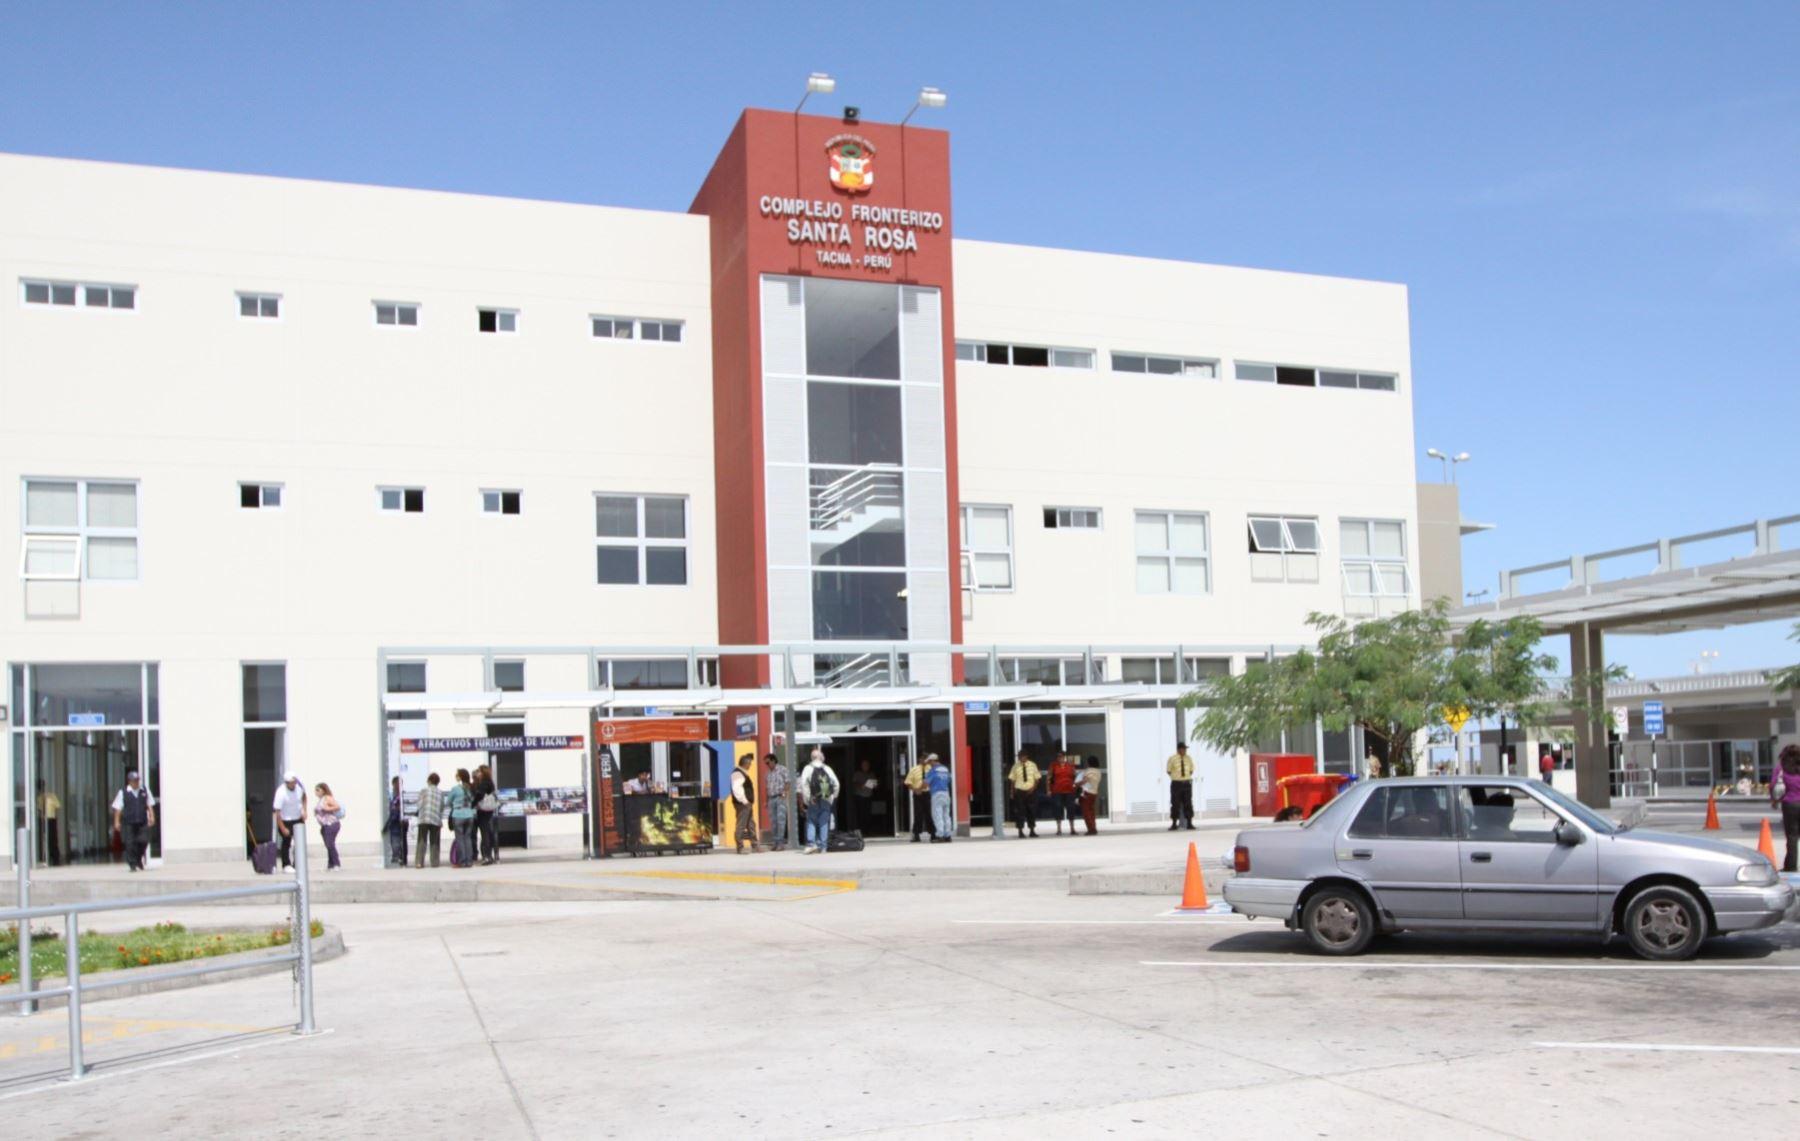 En el complejo fronterizo Santa Rosa, ubicado en Tacna, se incautó los bienes paleontológicos que pretendían ser sacados del país. ANDINA/Archivo